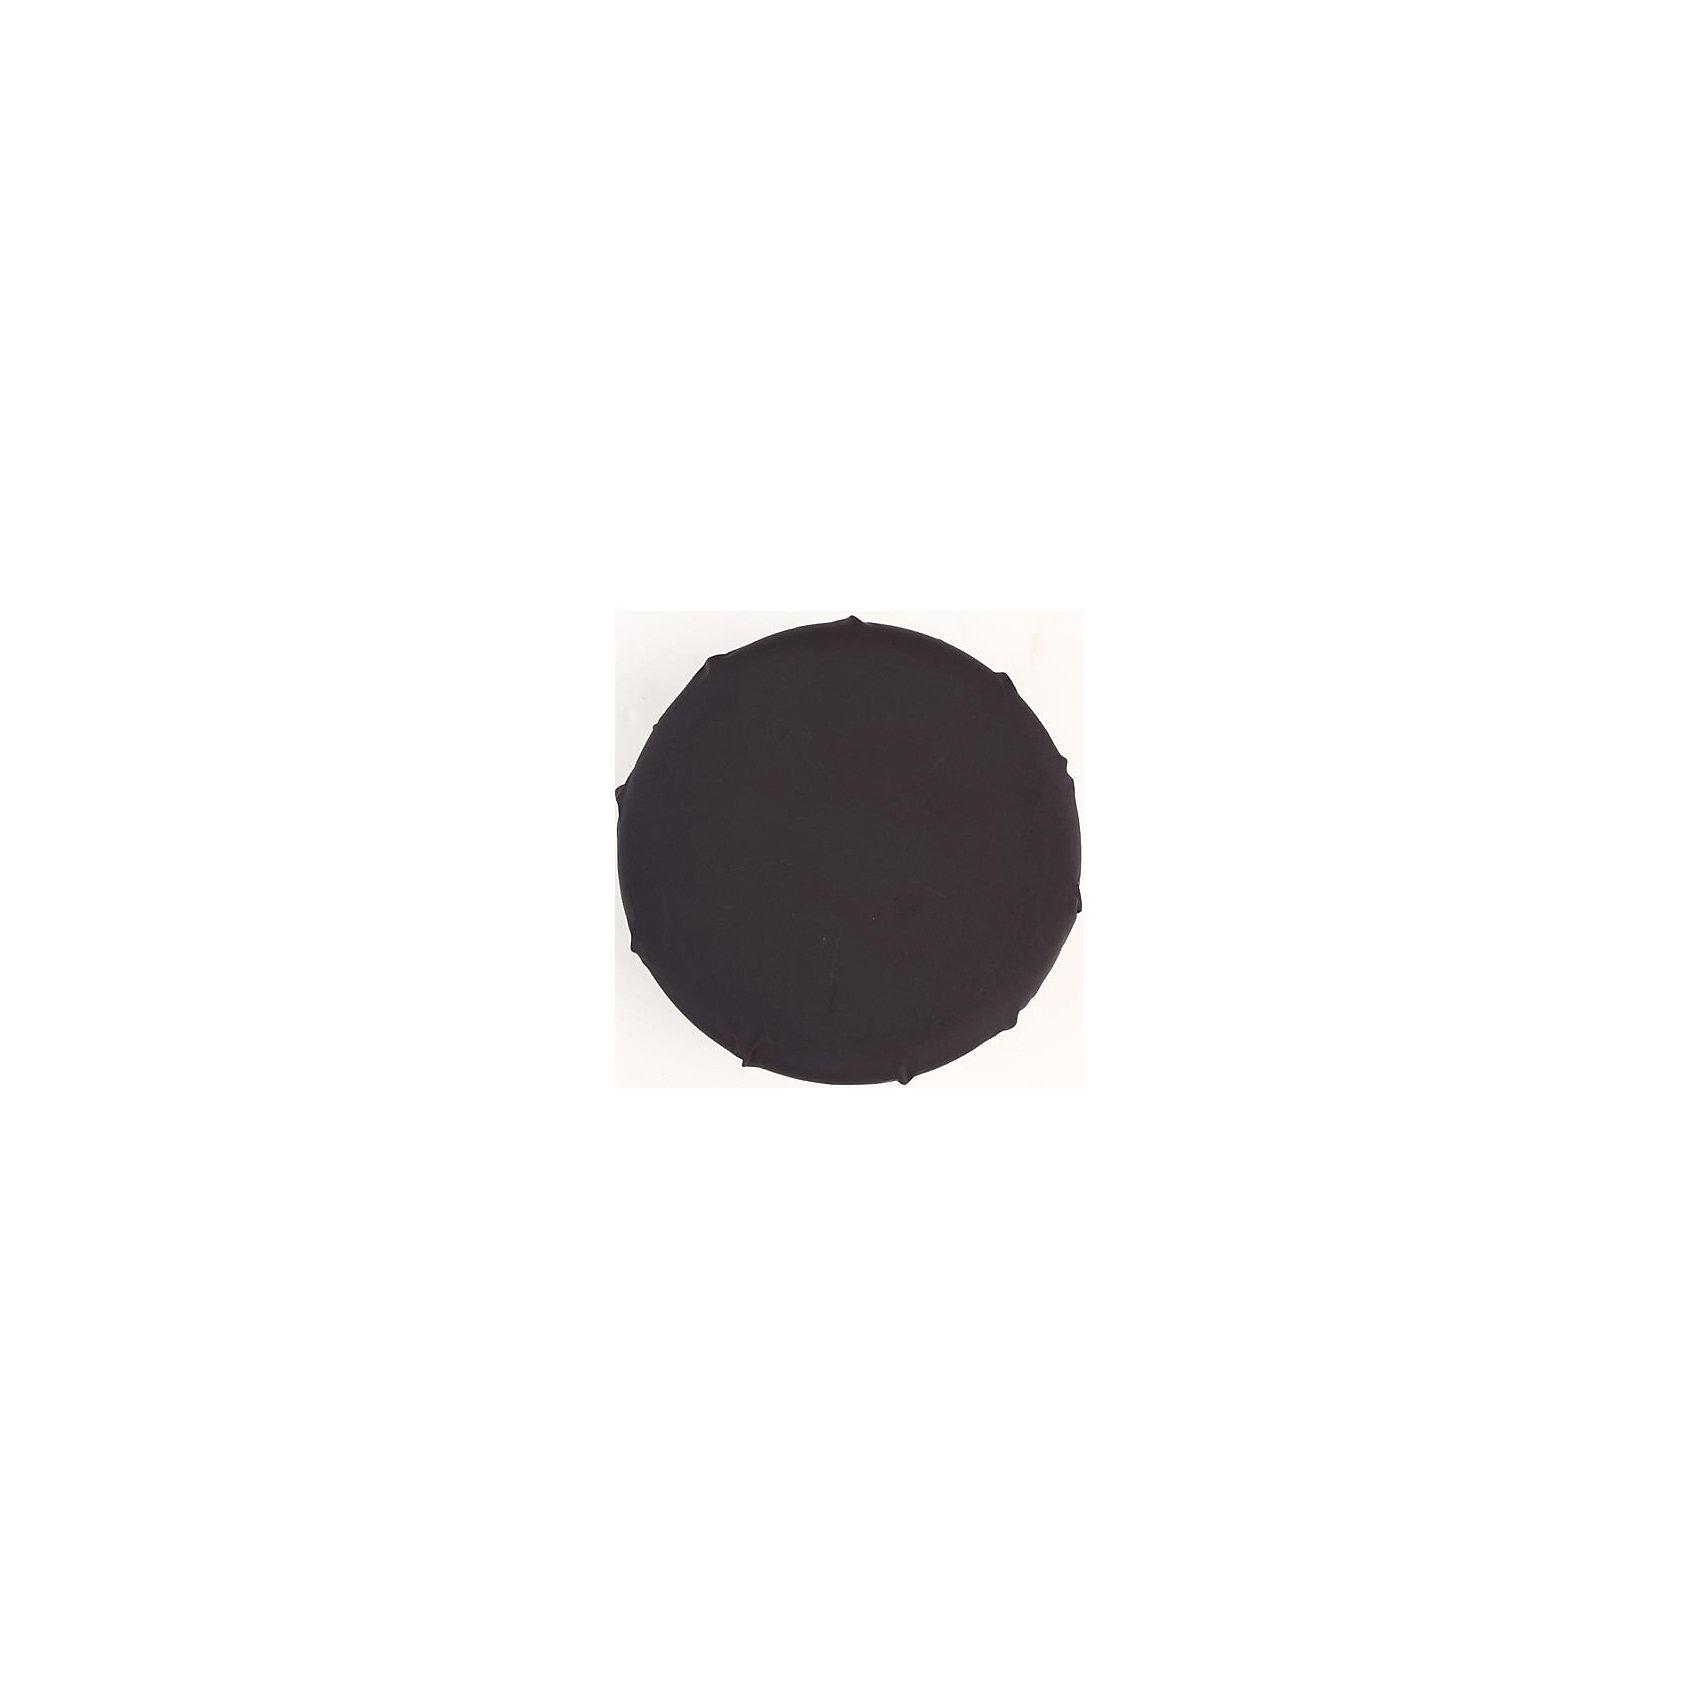 Чехлы на колеса (бол) (4 шт)Аксессуары для колясок<br>Характеристики:<br><br>• Наименование: чехлы на колеса коляски<br>• Сезон: круглый год<br>• Материал: полиэстер 100%<br>• Цвет: черный<br>• Комплектация: 4 чехла<br>• Предназначены для колес диаметром от 28 до 30 см<br>• Вес: 300 г<br><br>Чехлы на колеса (бол) (4 шт) предназначены для детских колясок, диаметр колес которых составляет от 28 до 30 см. Чехлы изготовлены из 100 % полиэстера, который обладает грязе и водоотталкивающими свойствами. Материал достаточно простой в уходе, допускается машинная стирка, очень быстро высыхает. Чехлы на колеса (бол) (4 шт) обеспечат чистоту и порядок в вашем доме.<br><br>Чехлы на колеса (бол) (4 шт) можно купить в нашем интернет-магазине.<br><br>Ширина мм: 200<br>Глубина мм: 200<br>Высота мм: 100<br>Вес г: 500<br>Возраст от месяцев: 0<br>Возраст до месяцев: 36<br>Пол: Унисекс<br>Возраст: Детский<br>SKU: 5120609